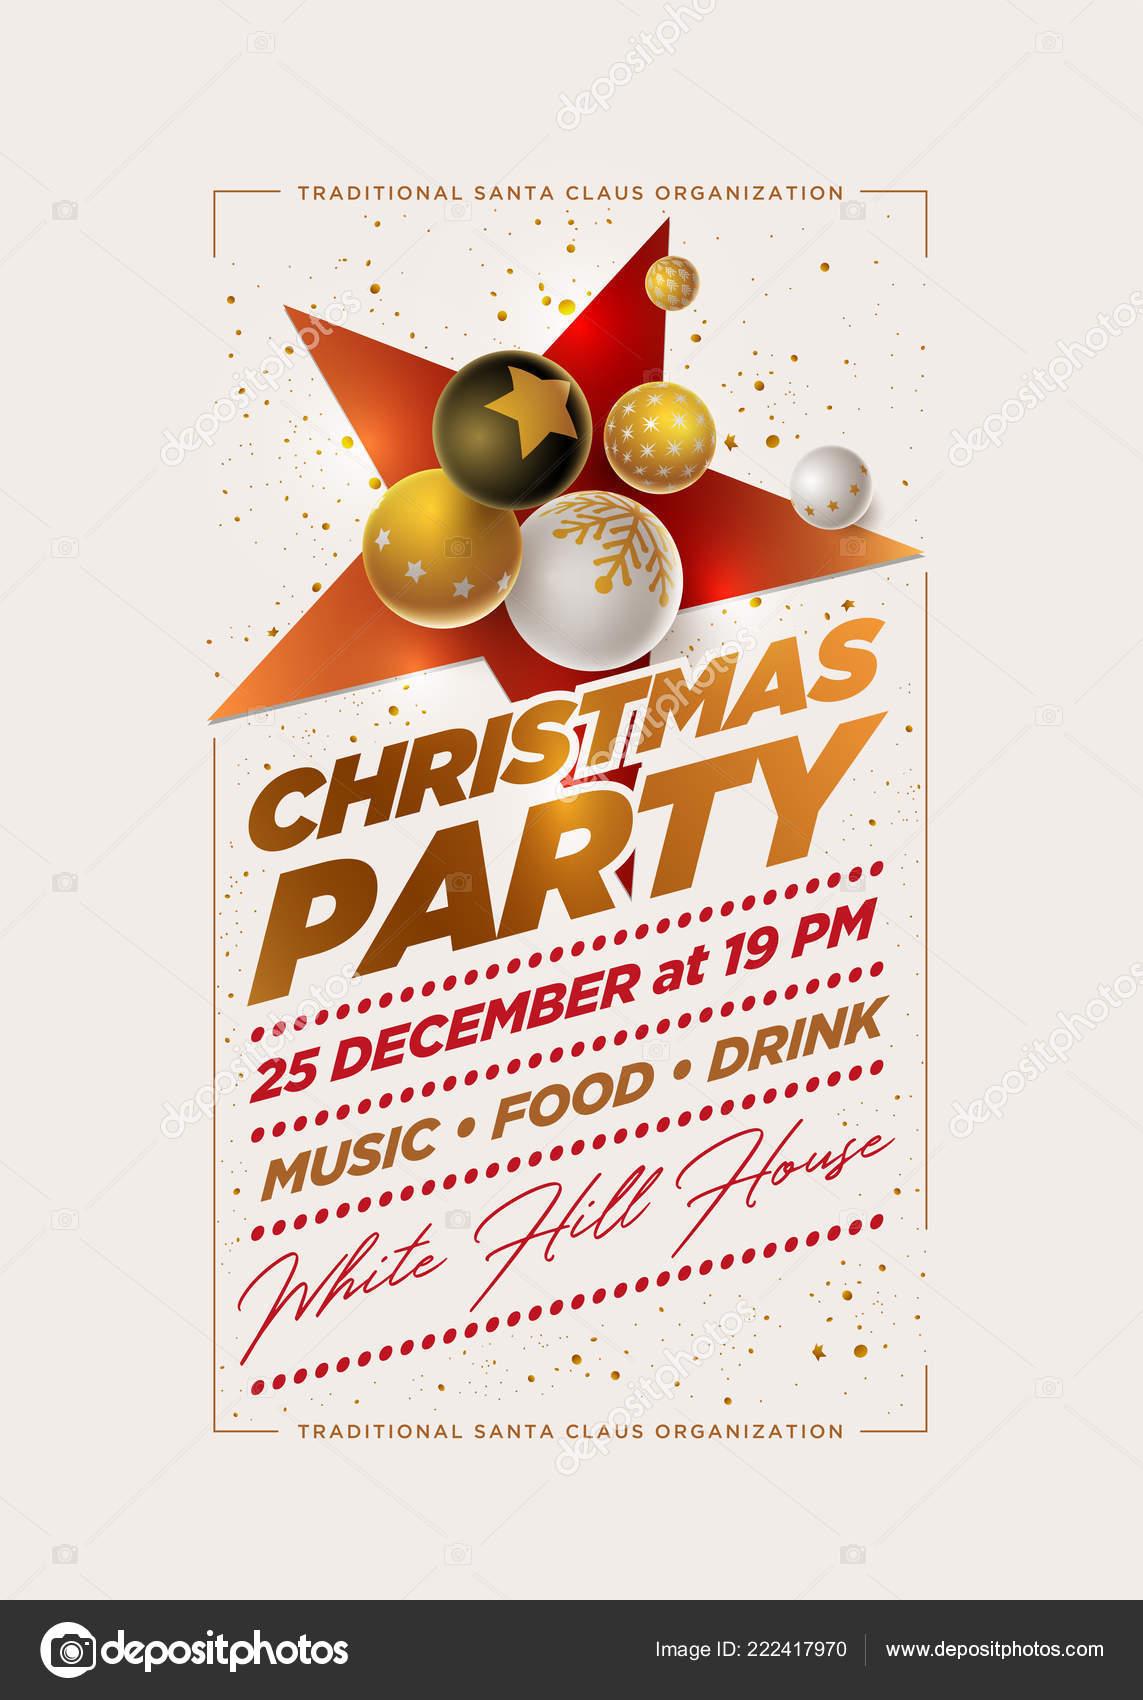 Weihnachtsfeier Plakat.Vektor Weihnachtsfeier Plakat Design Vorlage Mit Weiß Schwarz Und